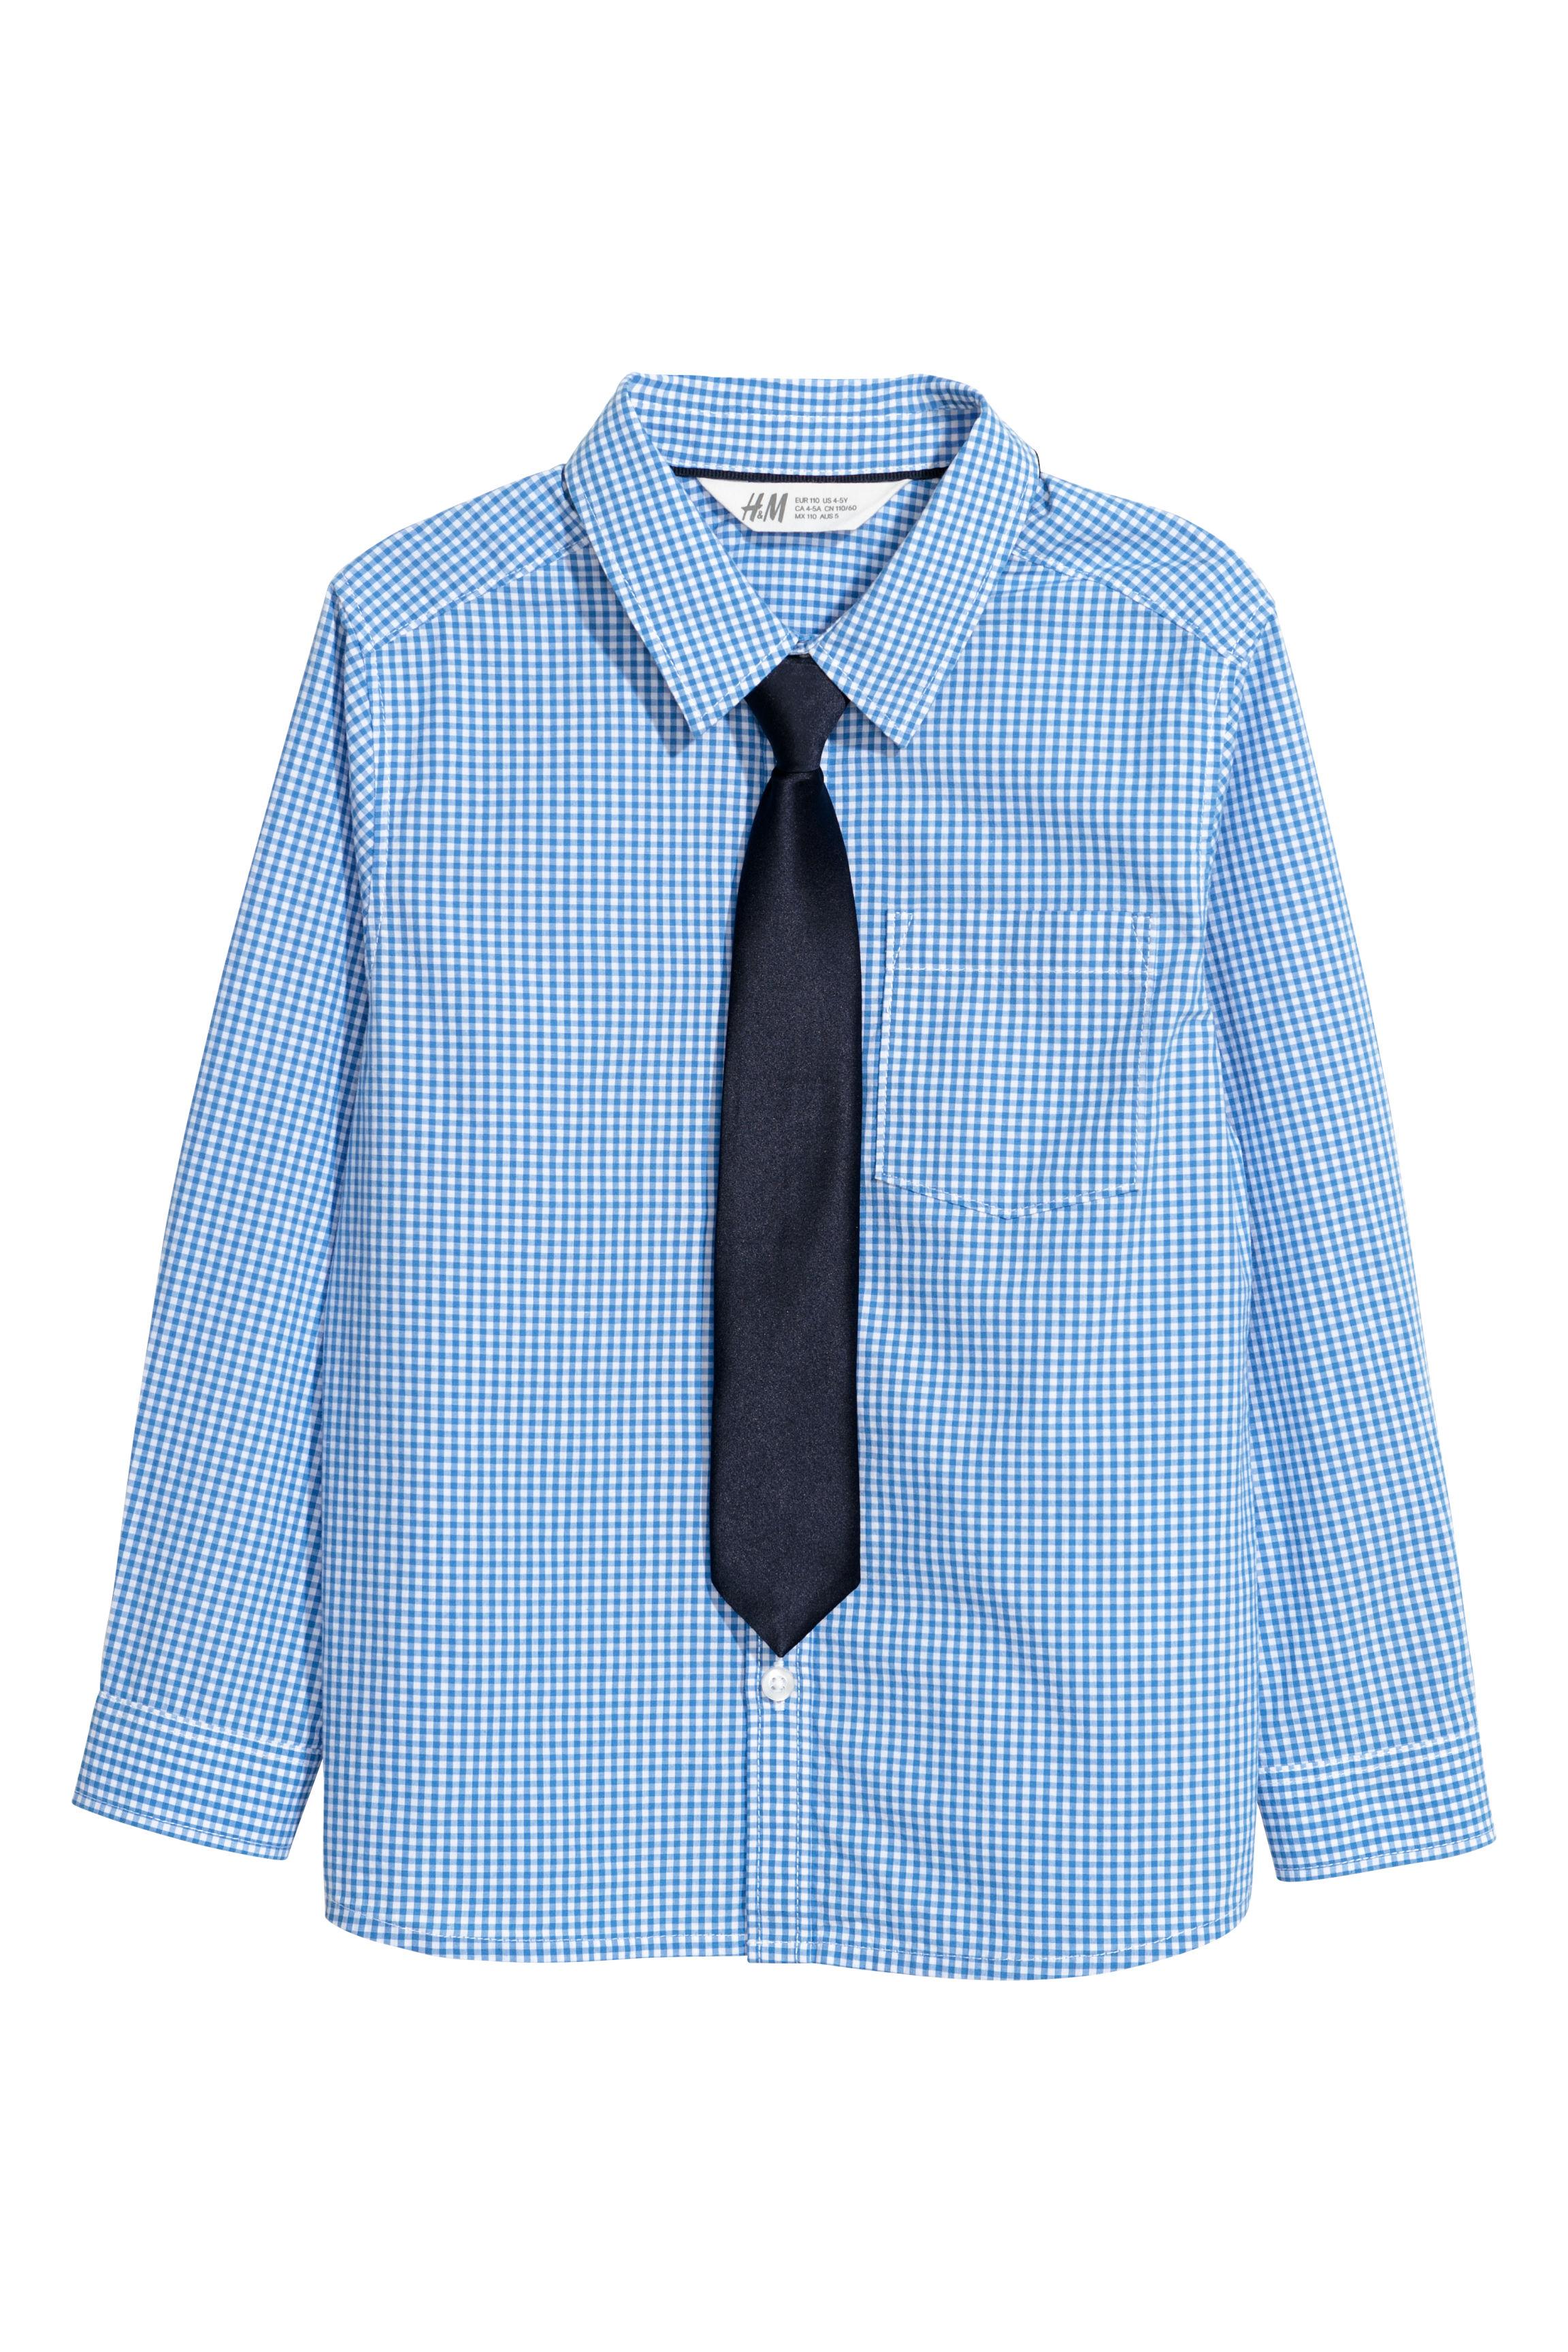 ba28478644 Ing nyakkendővel - Kék kockás/nyakkendő - GYEREK   H&M HU